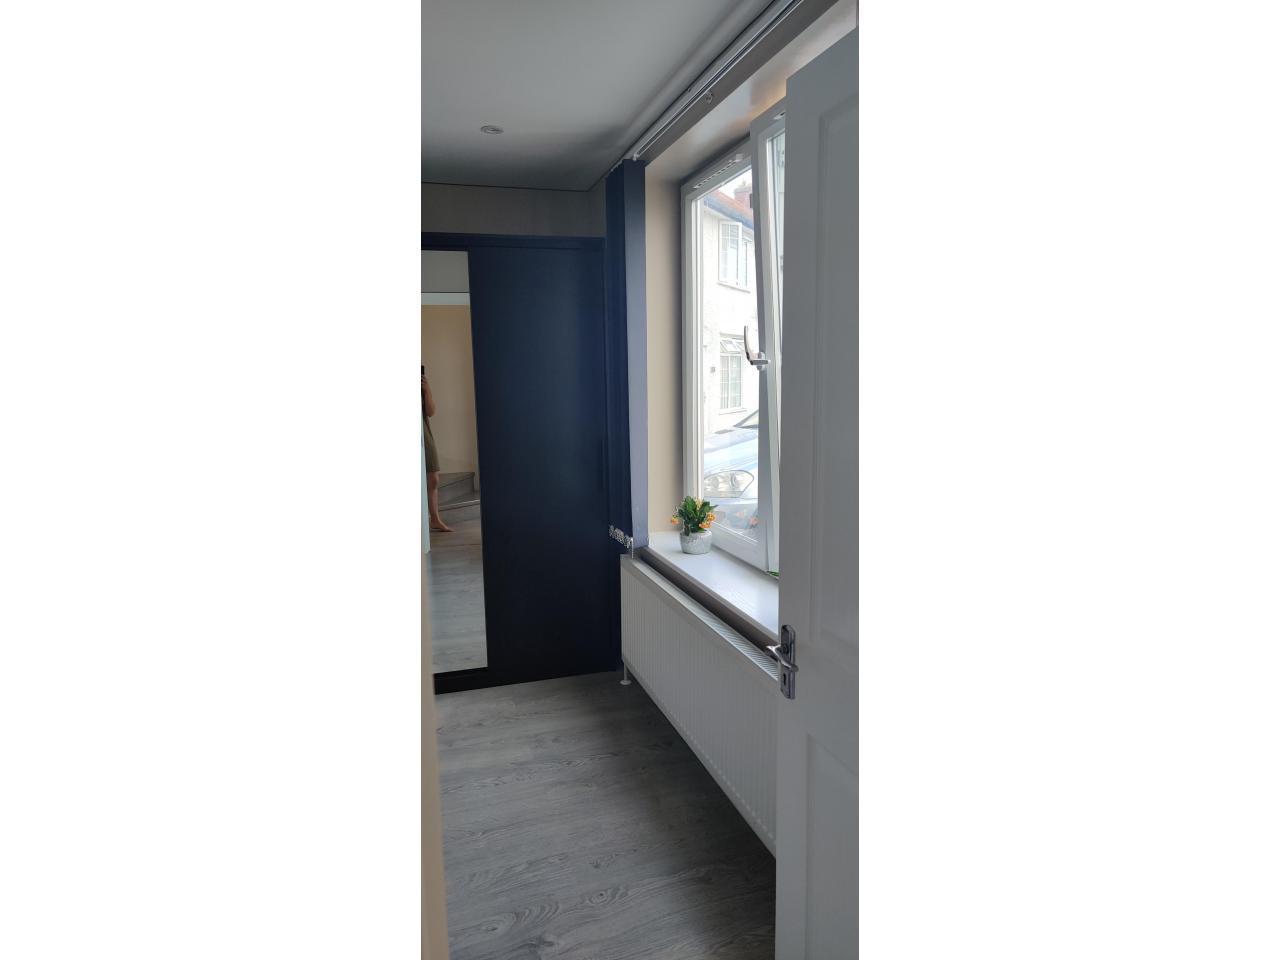 Одноместная комната в Дагенхаме - 5